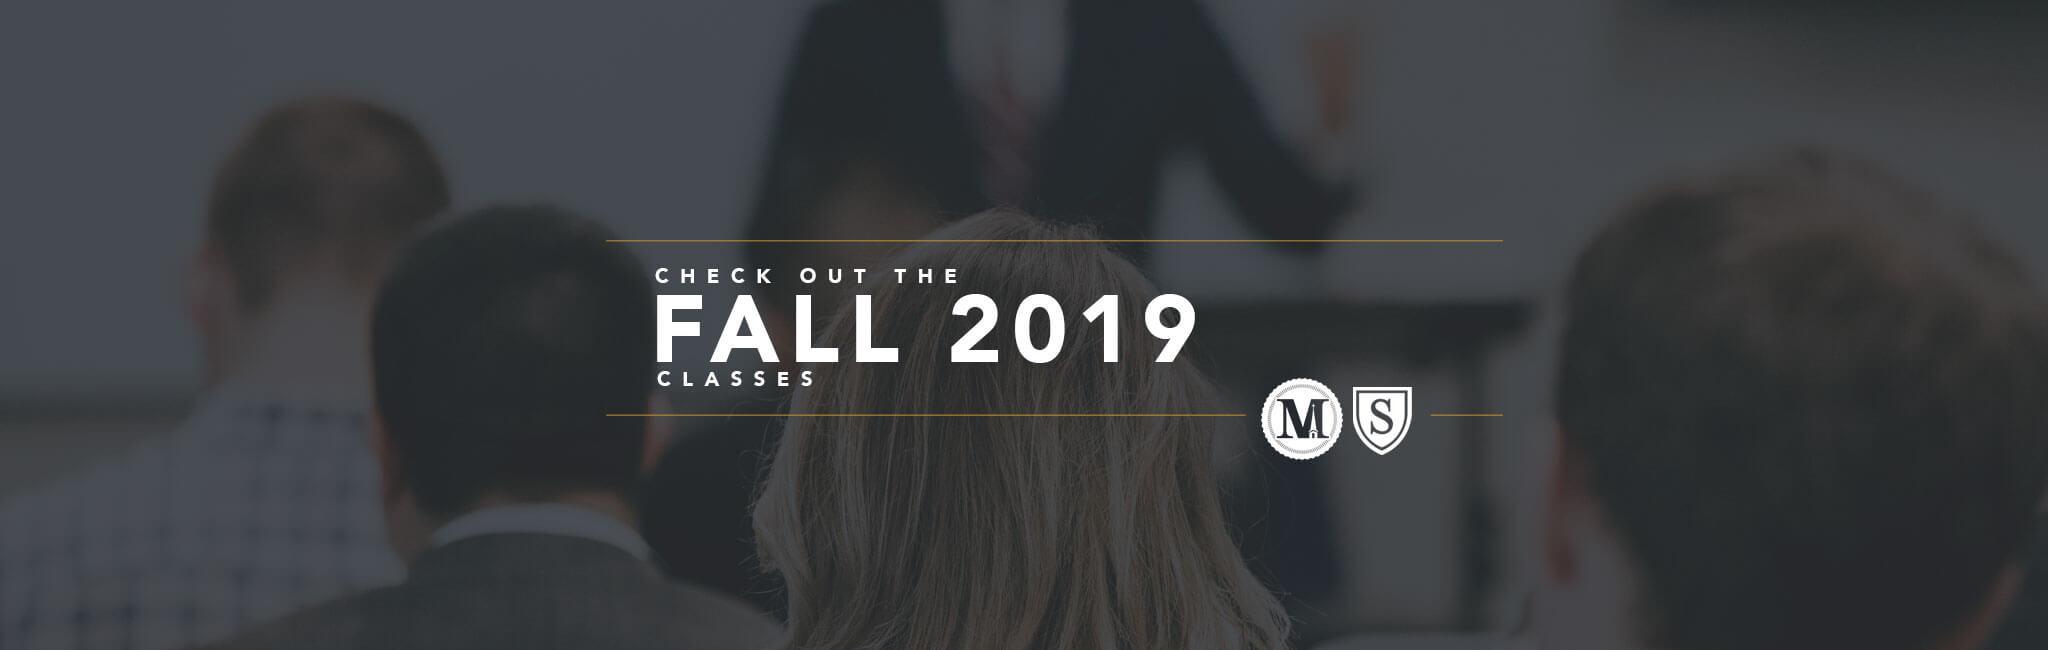 Fall 2019 Classes